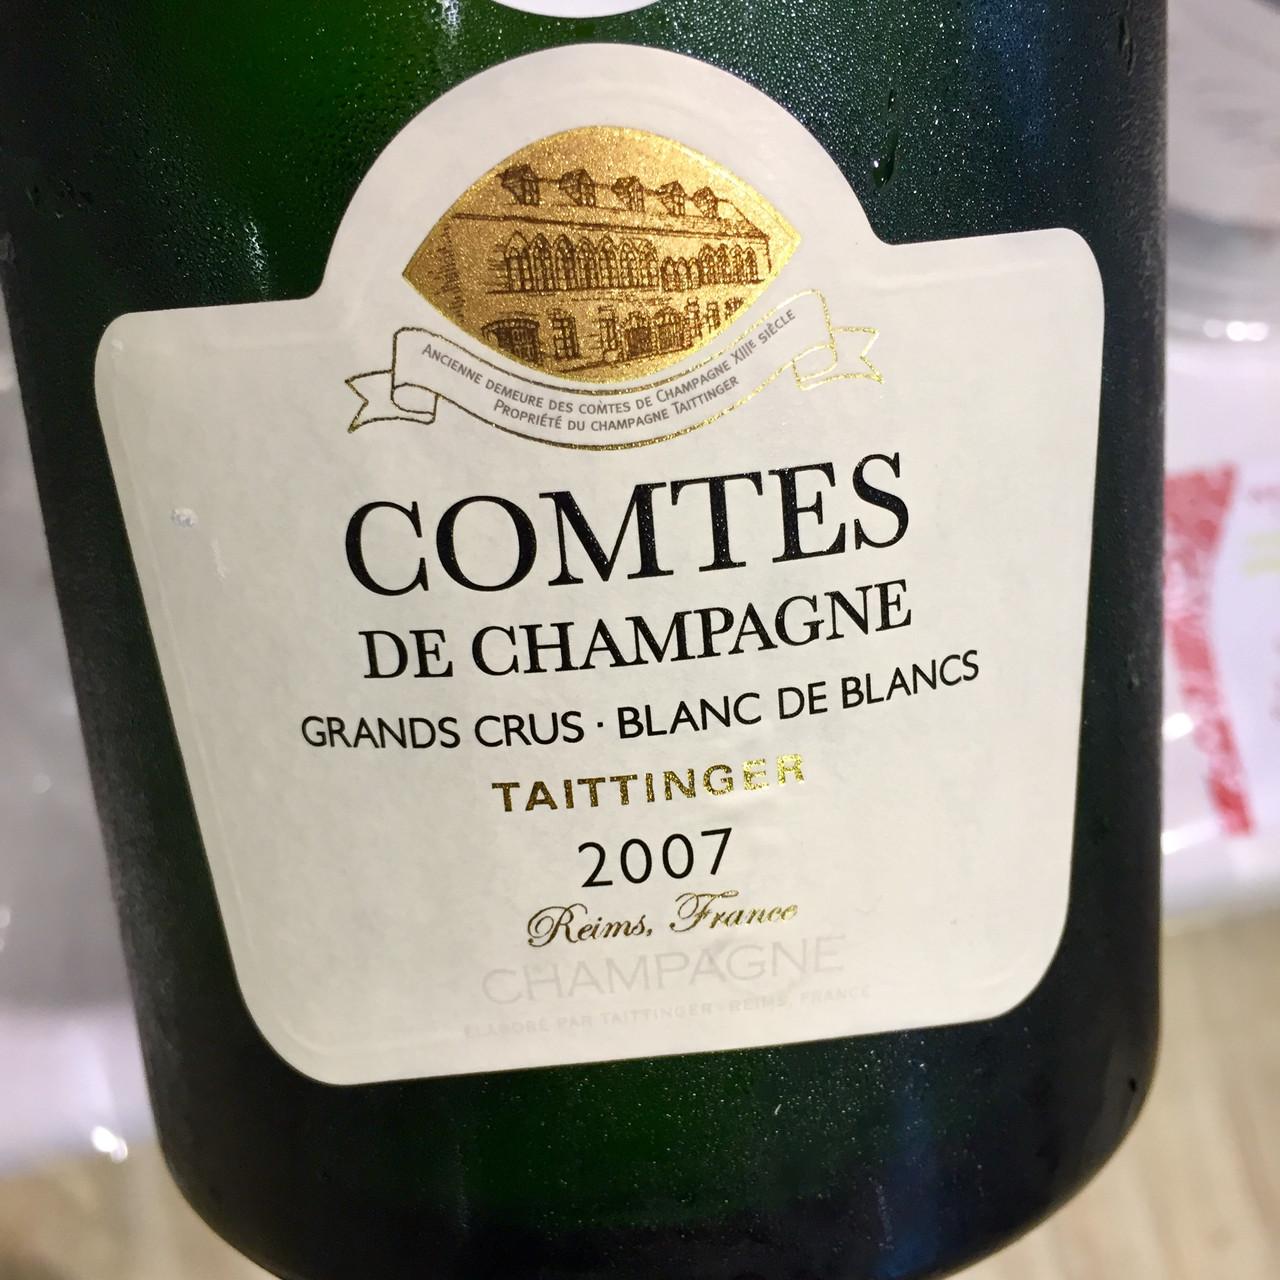 Taittinger Comte de Comtes 2007 and Roederer Cristal 2008 vintage Champagnes